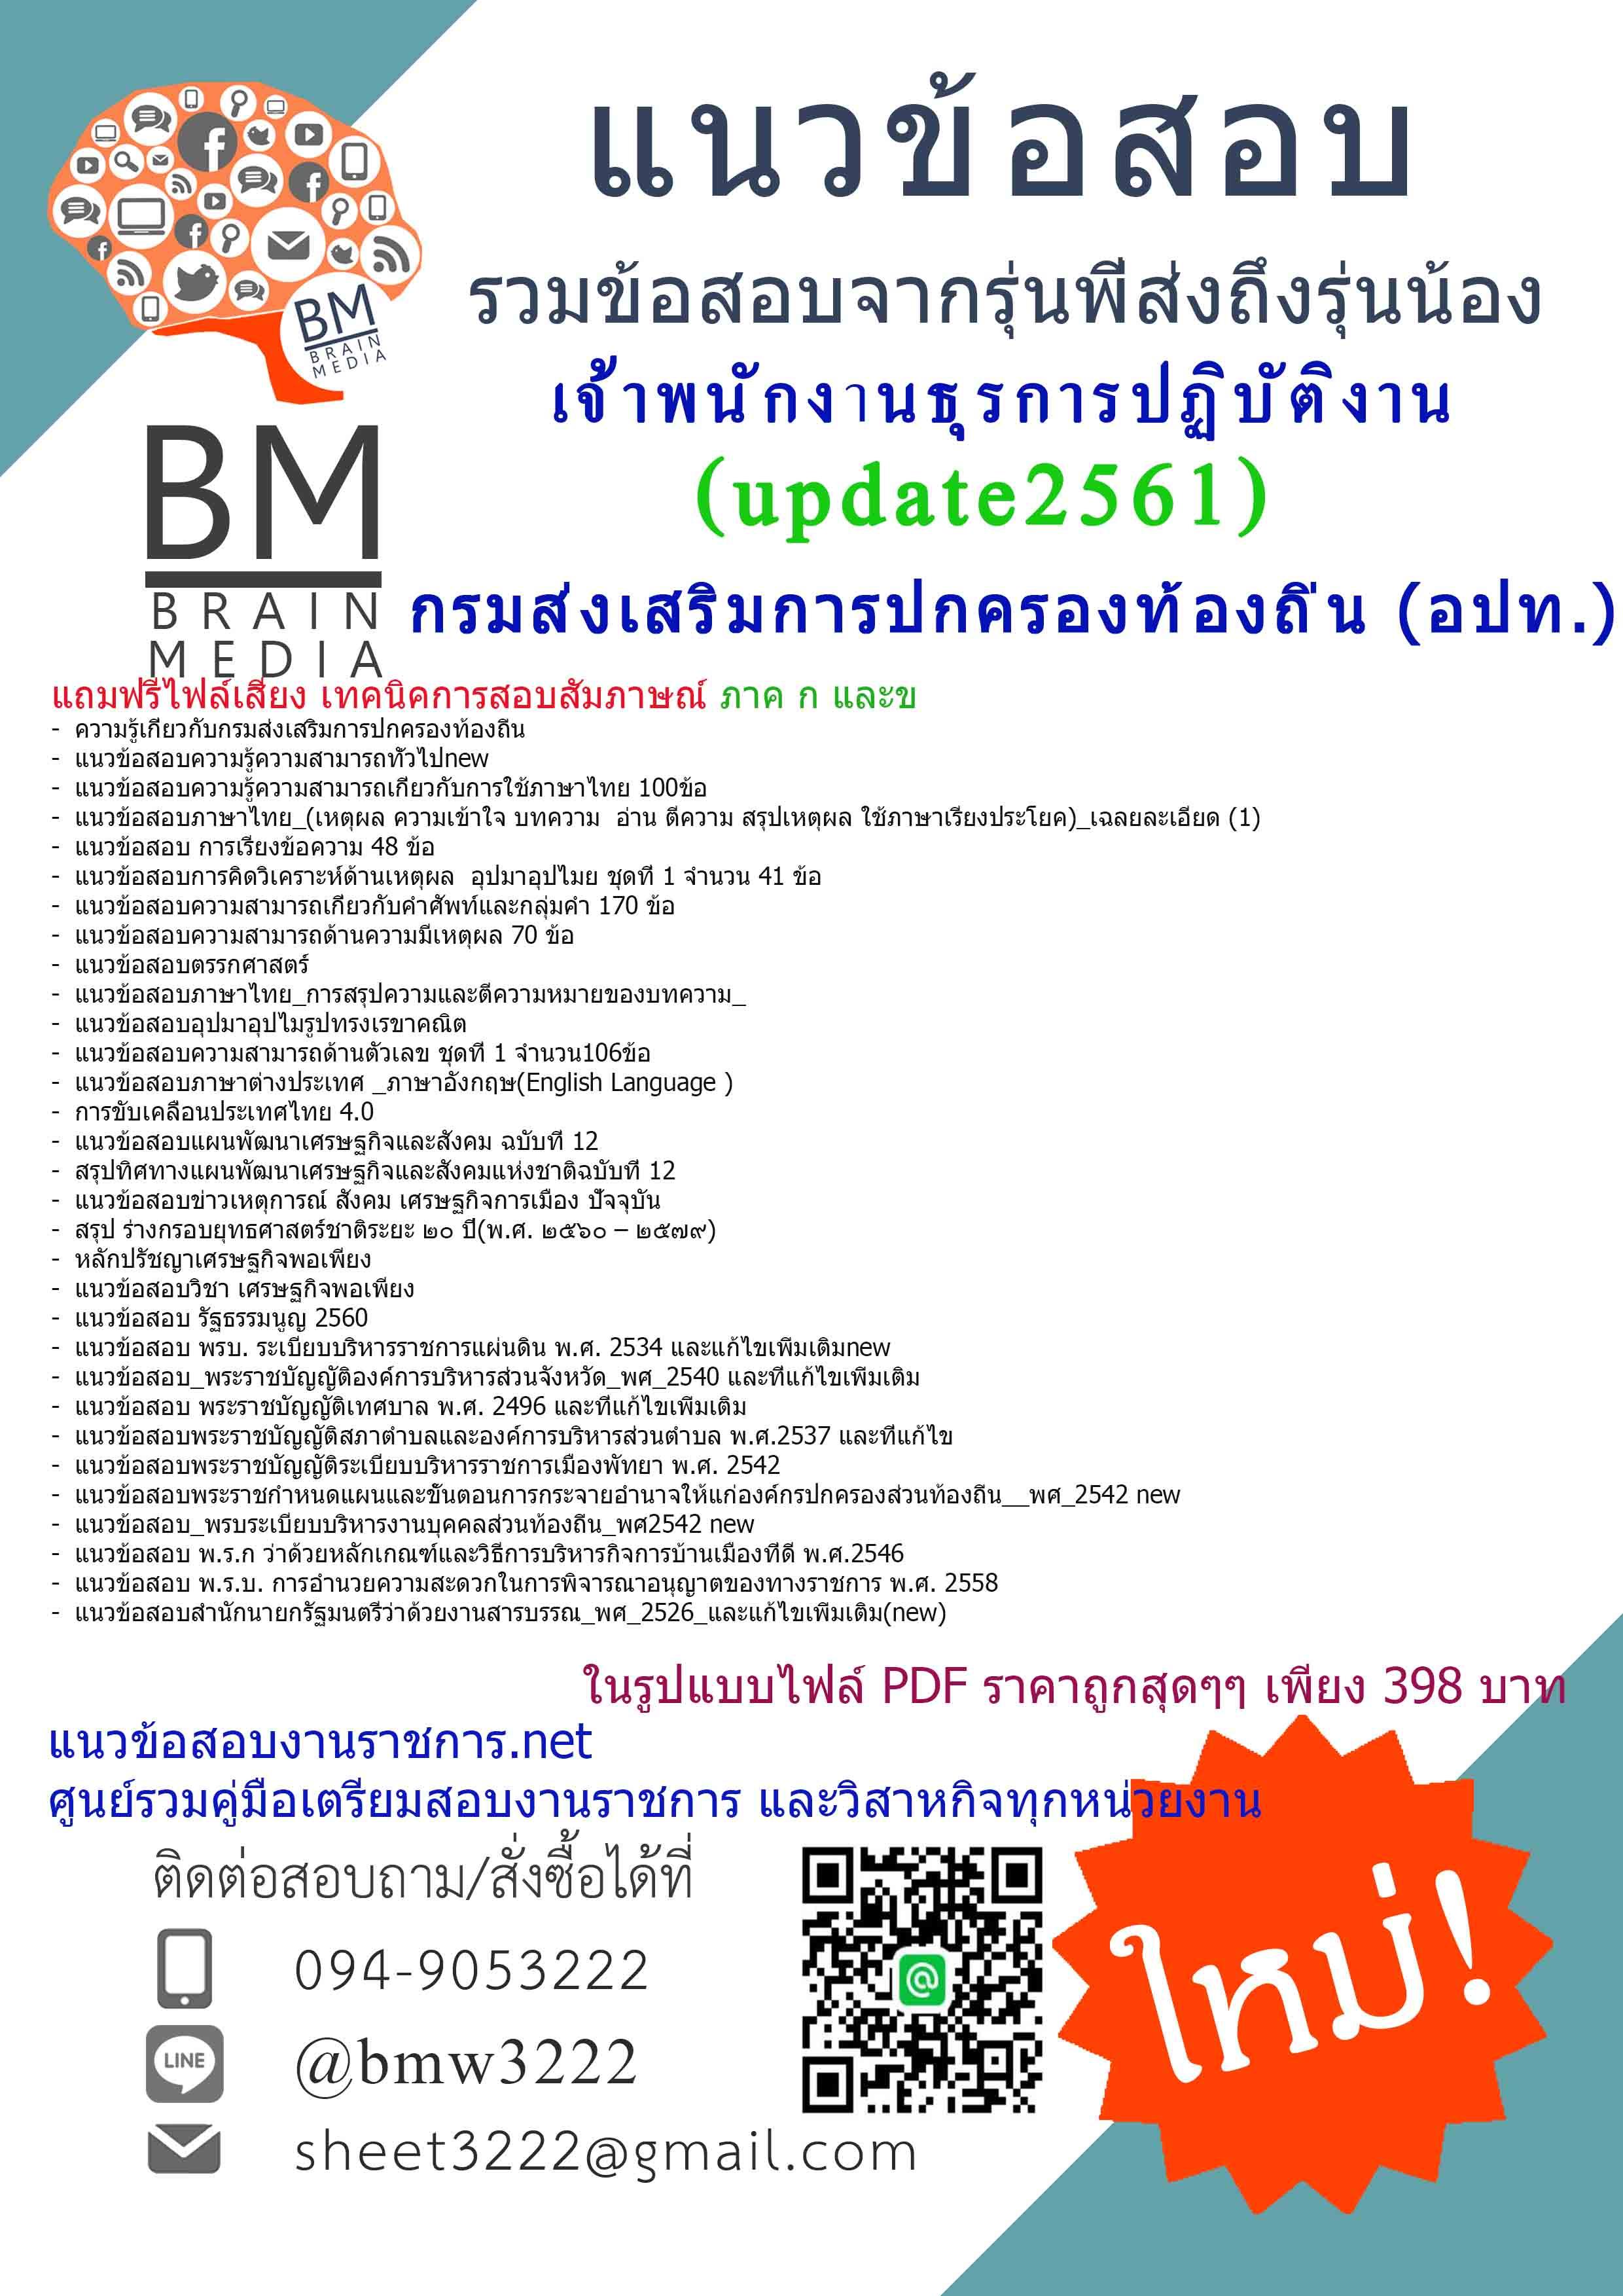 (((newupdateที่สุด!!)))แนวข้อสอบเจ้าพนักงานธุรการปฏิบัติงานกรมส่งเสริมการปกครองท้องถิ่น (อปท.)2561